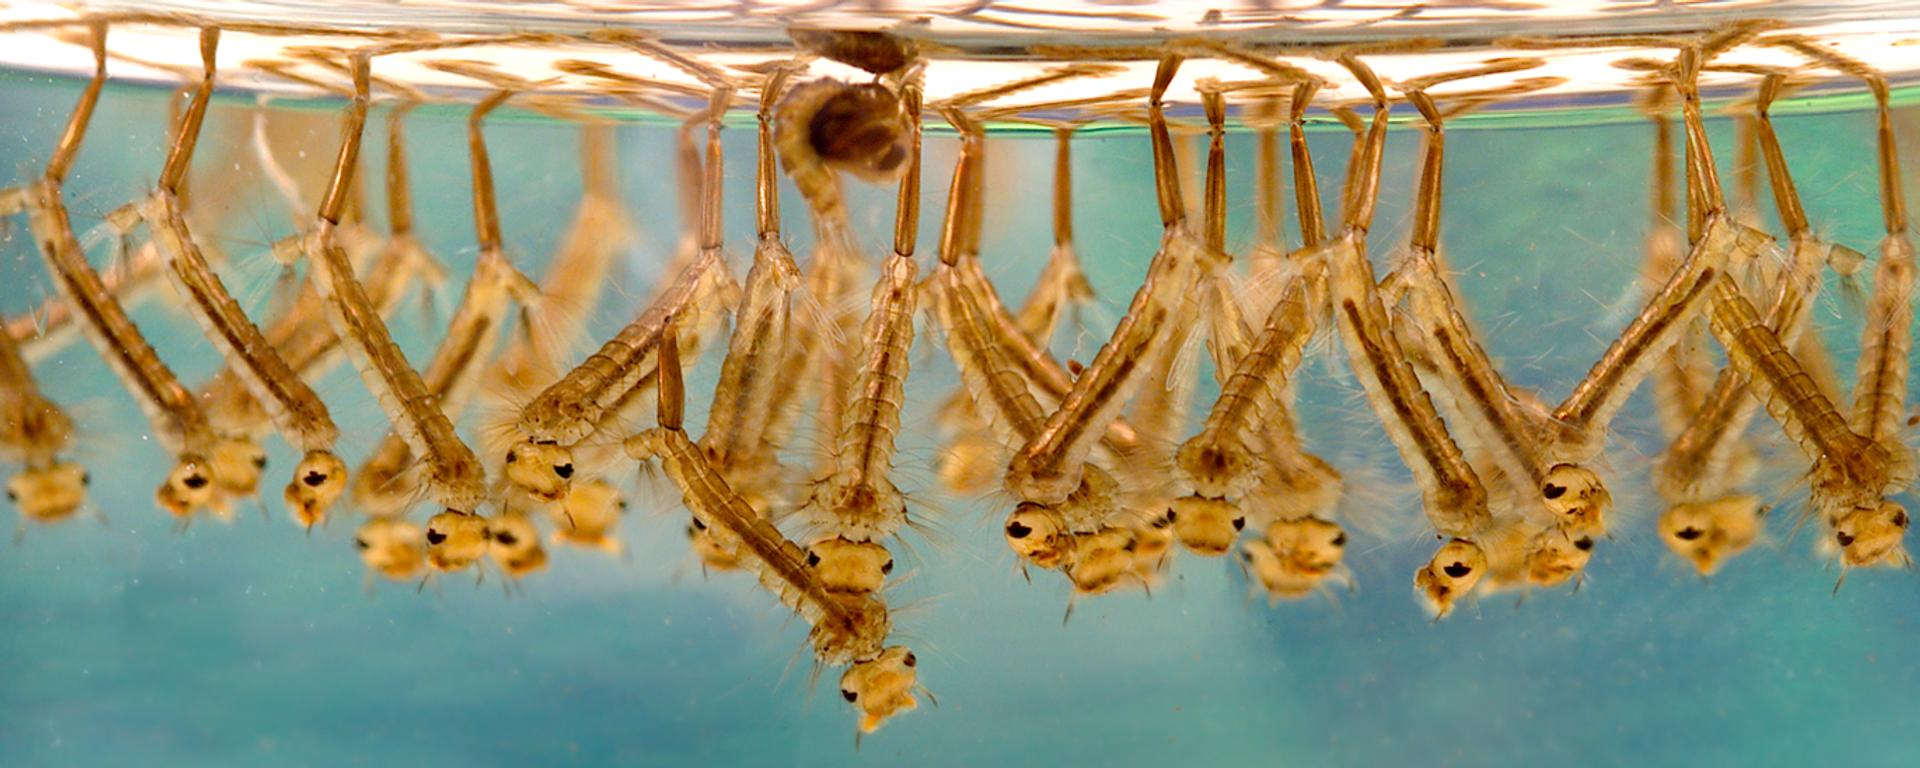 Larva di di zanzare - Sputnik Italia, 1920, 02.05.2021